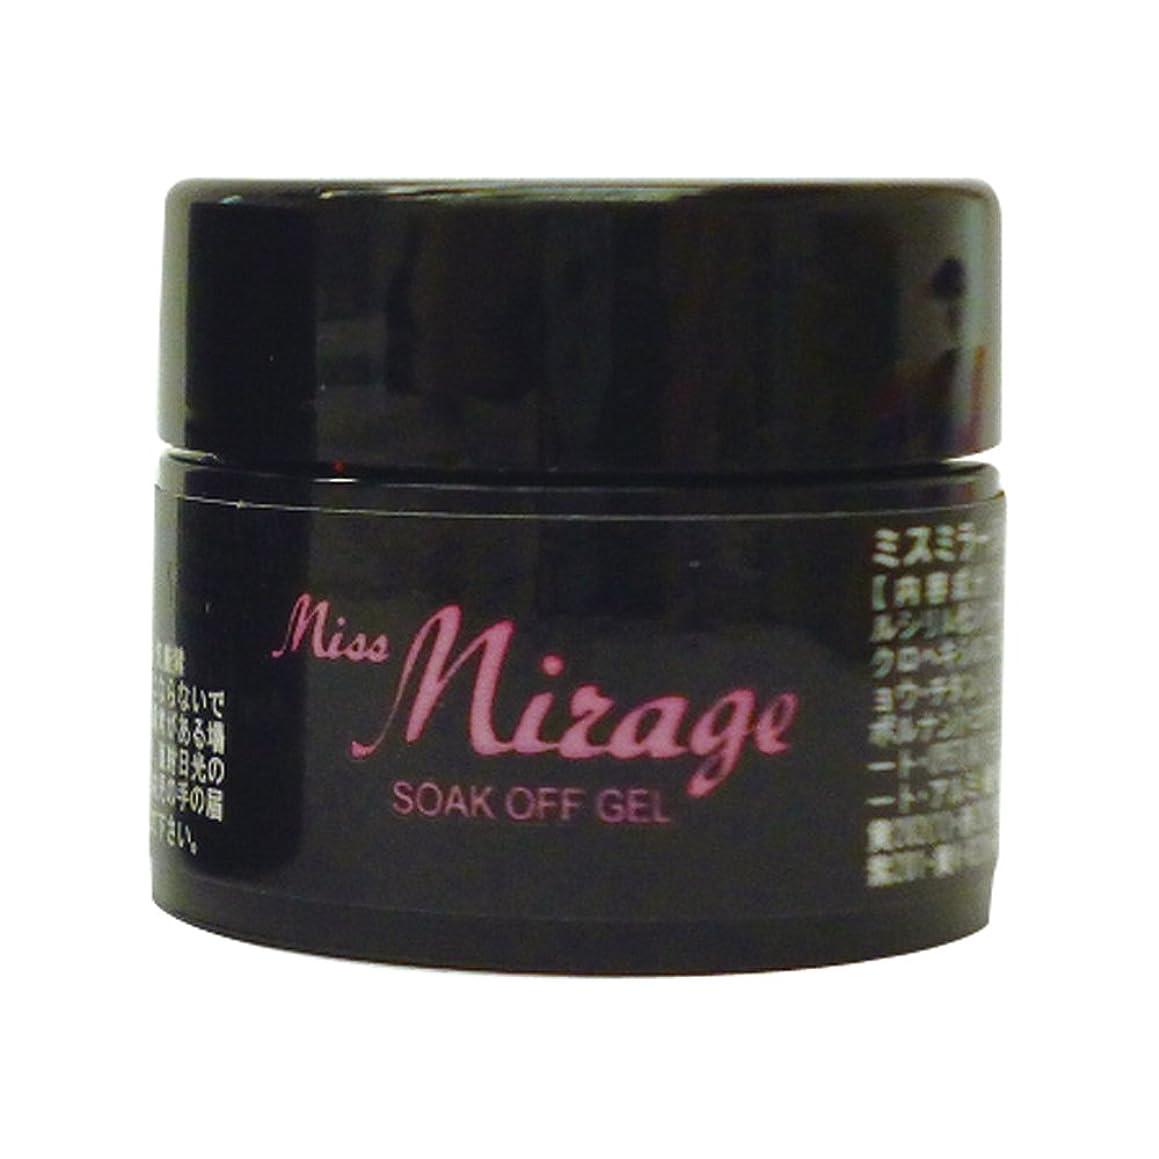 落ち着いて浸漬愚かプロ用カラージェル MISS MIRAGE ミスミラージュ ソークオフジェル NM79S UV/LED対応